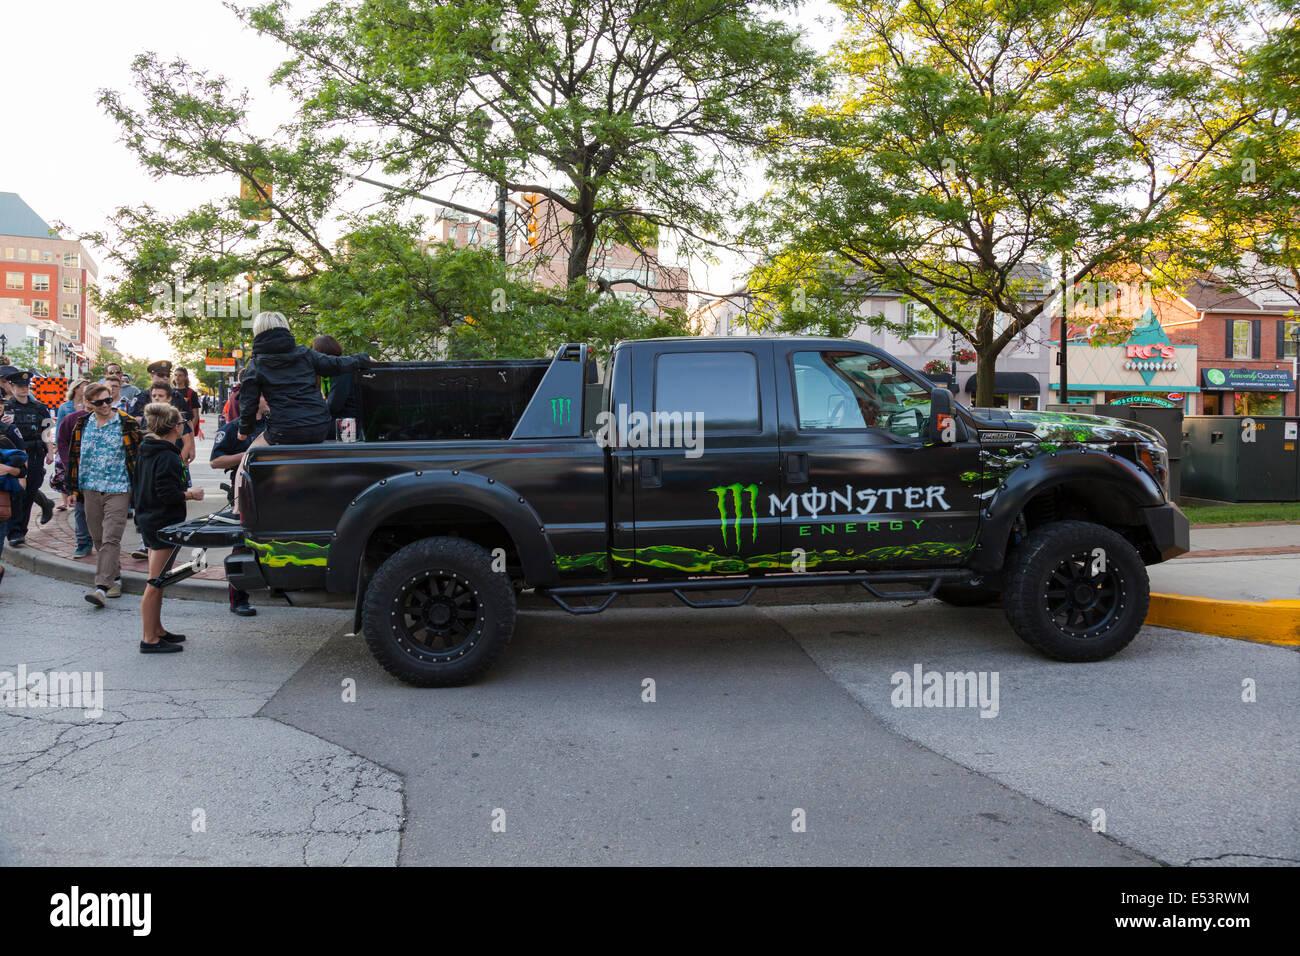 Monster Energy Truck Stock Photos Monster Energy Truck Stock